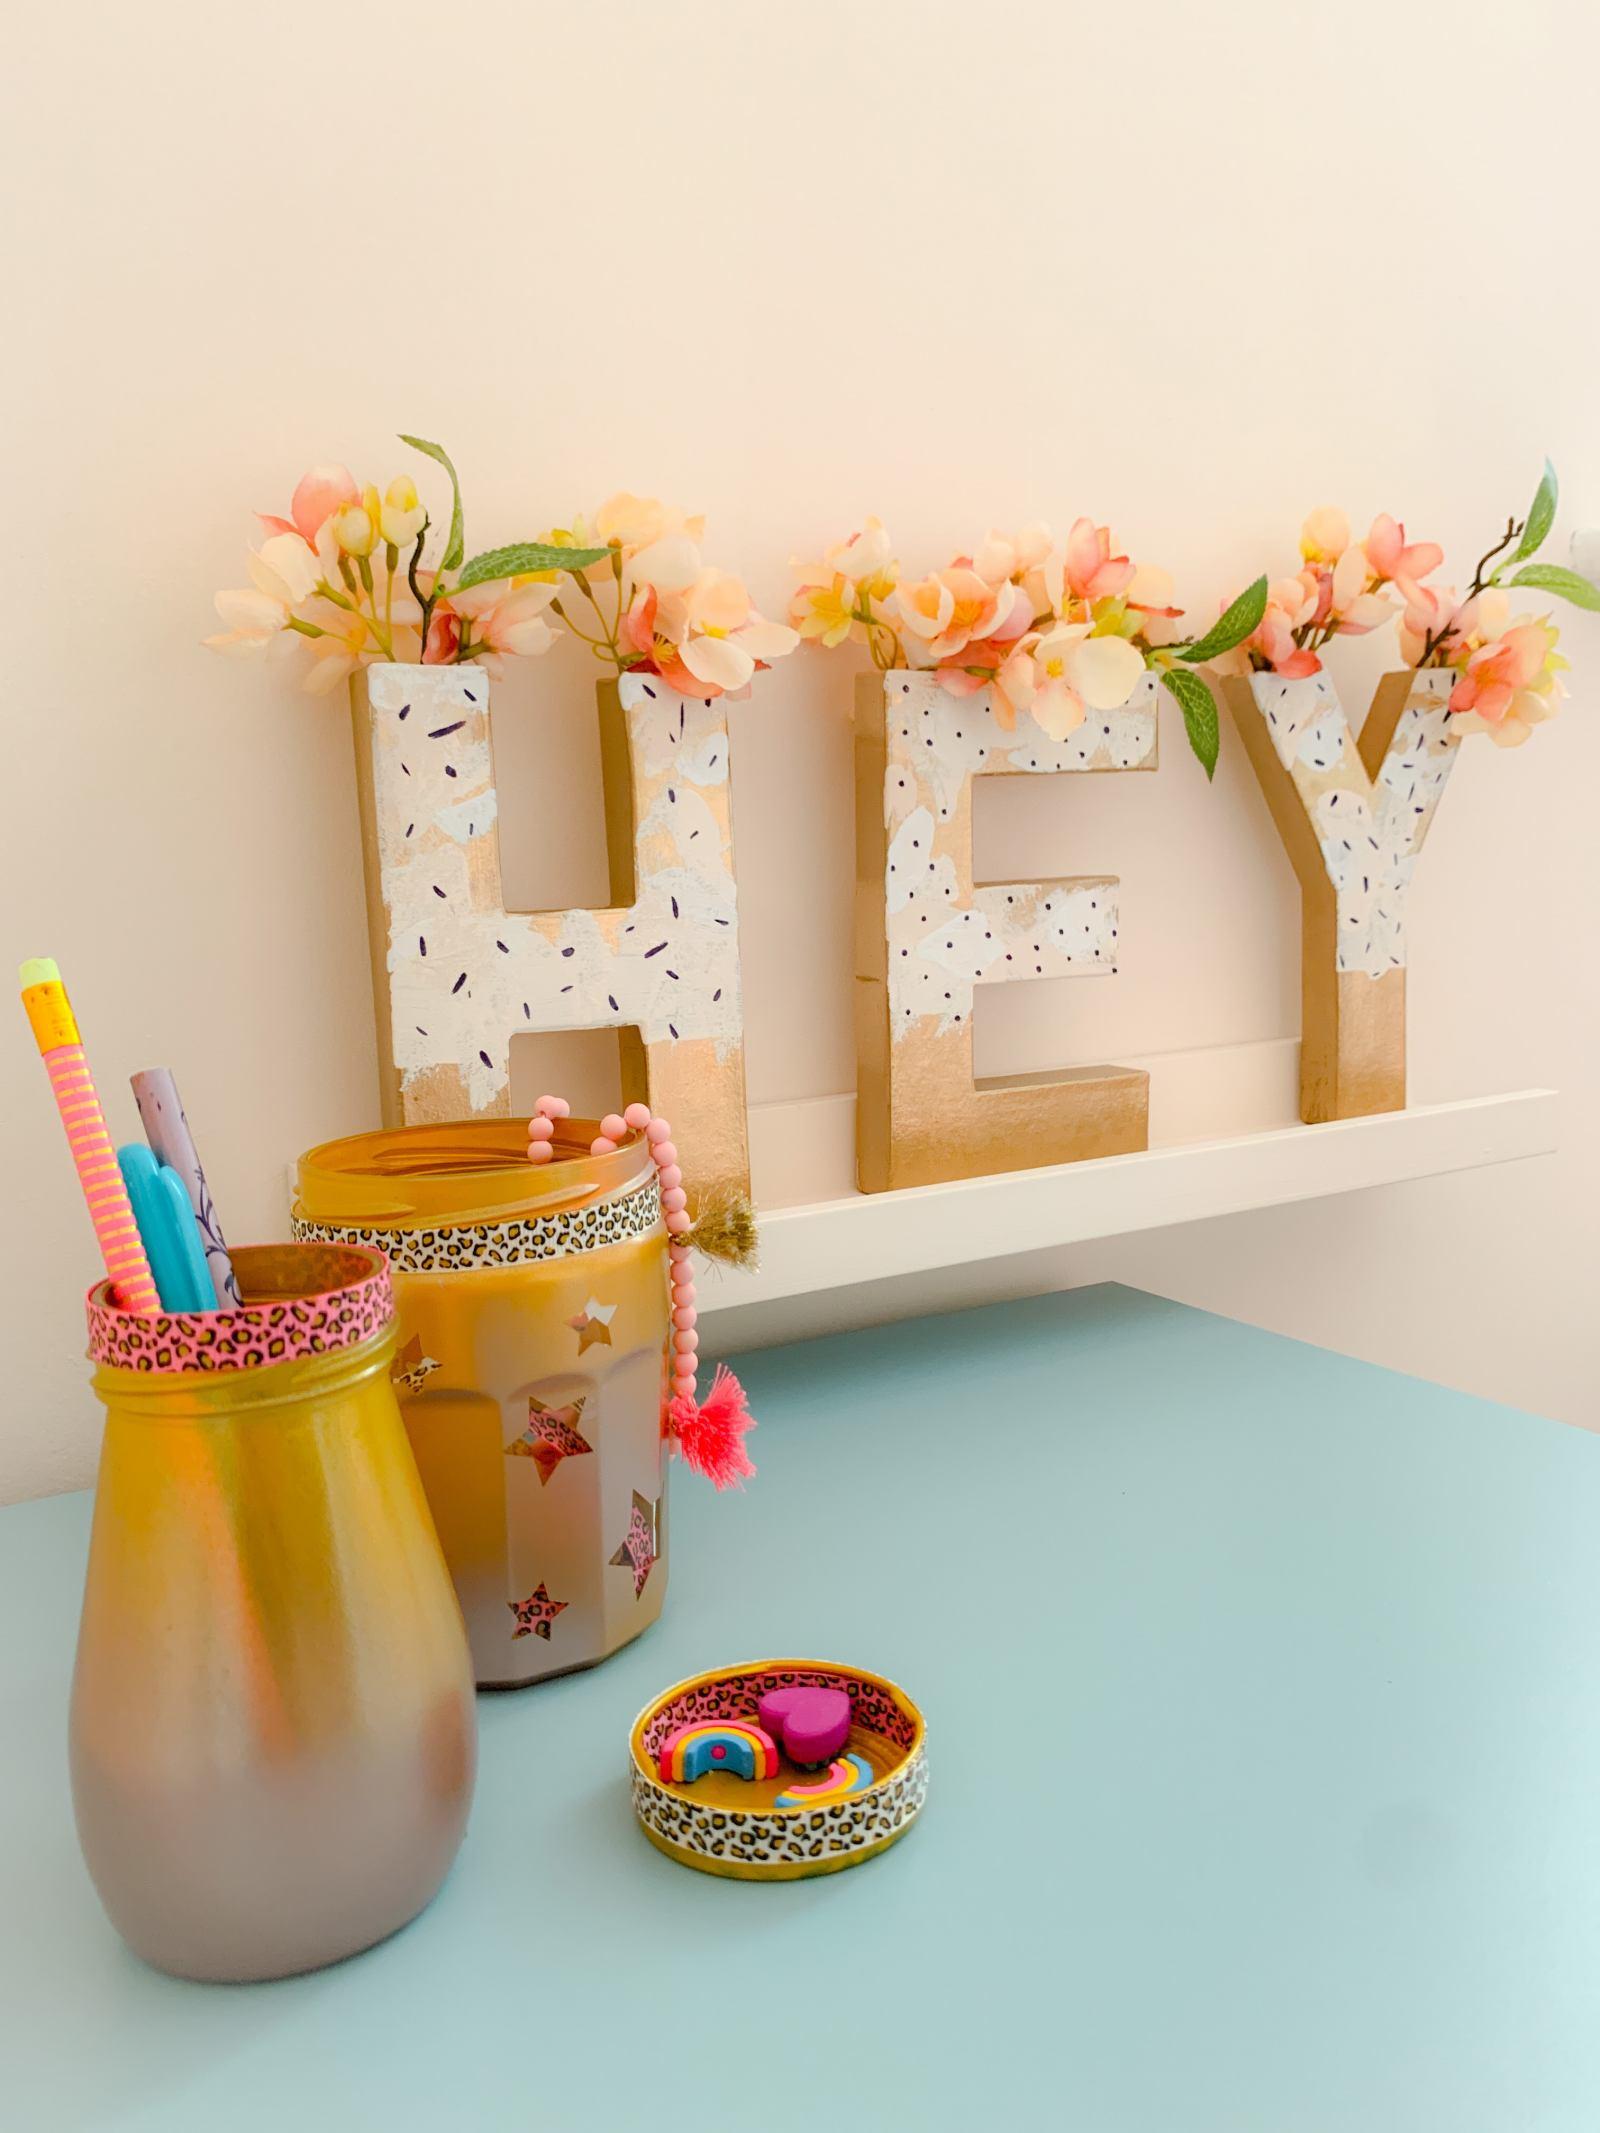 DIY HEY Typography Vase